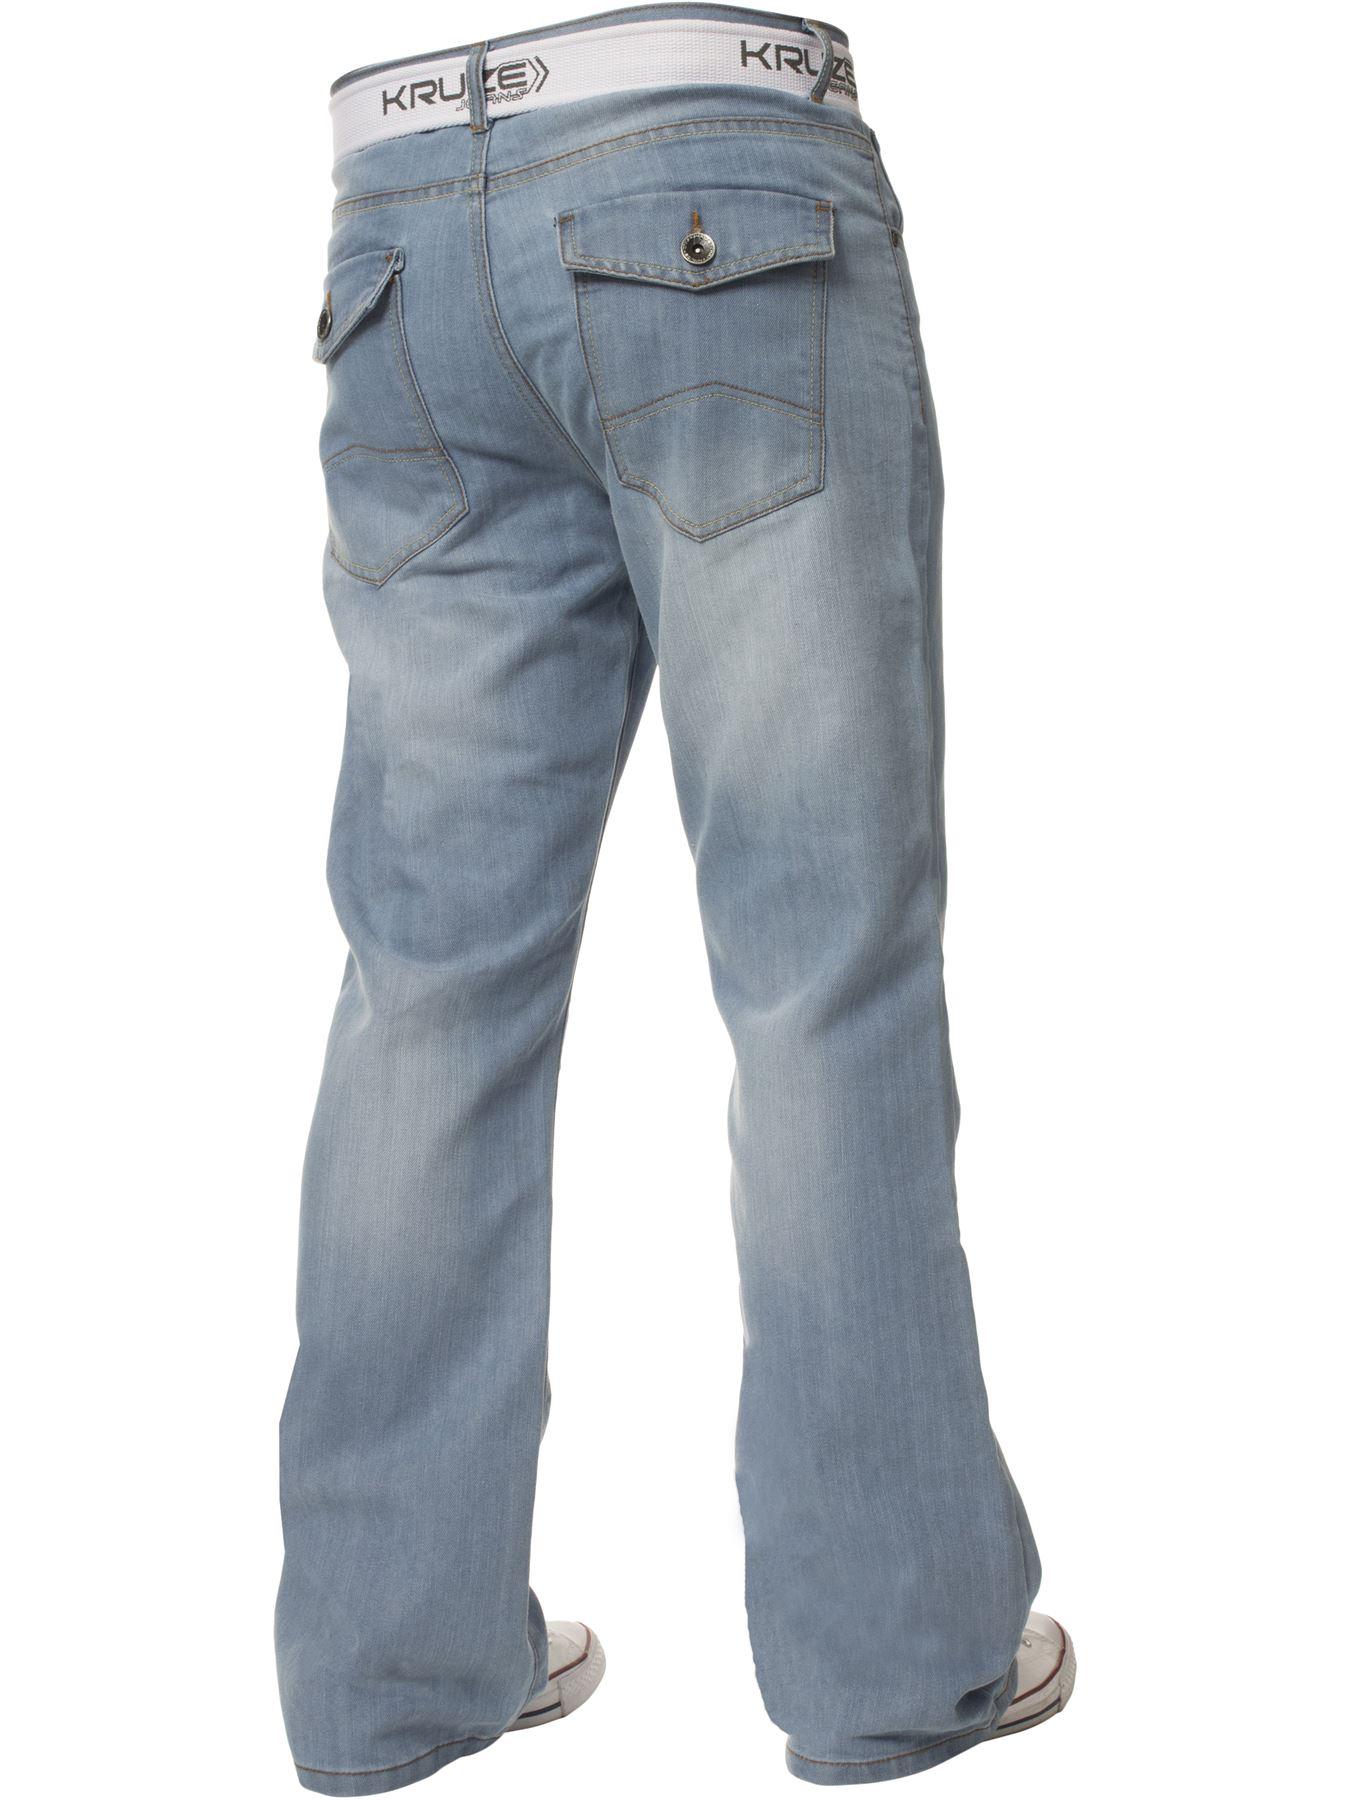 Kruze-Denim-Nuevo-Para-Hombre-Bootcut-Pierna-Ancha-Flare-Pantalones-Cintura-Tallas-Grandes-Rey-todos miniatura 17